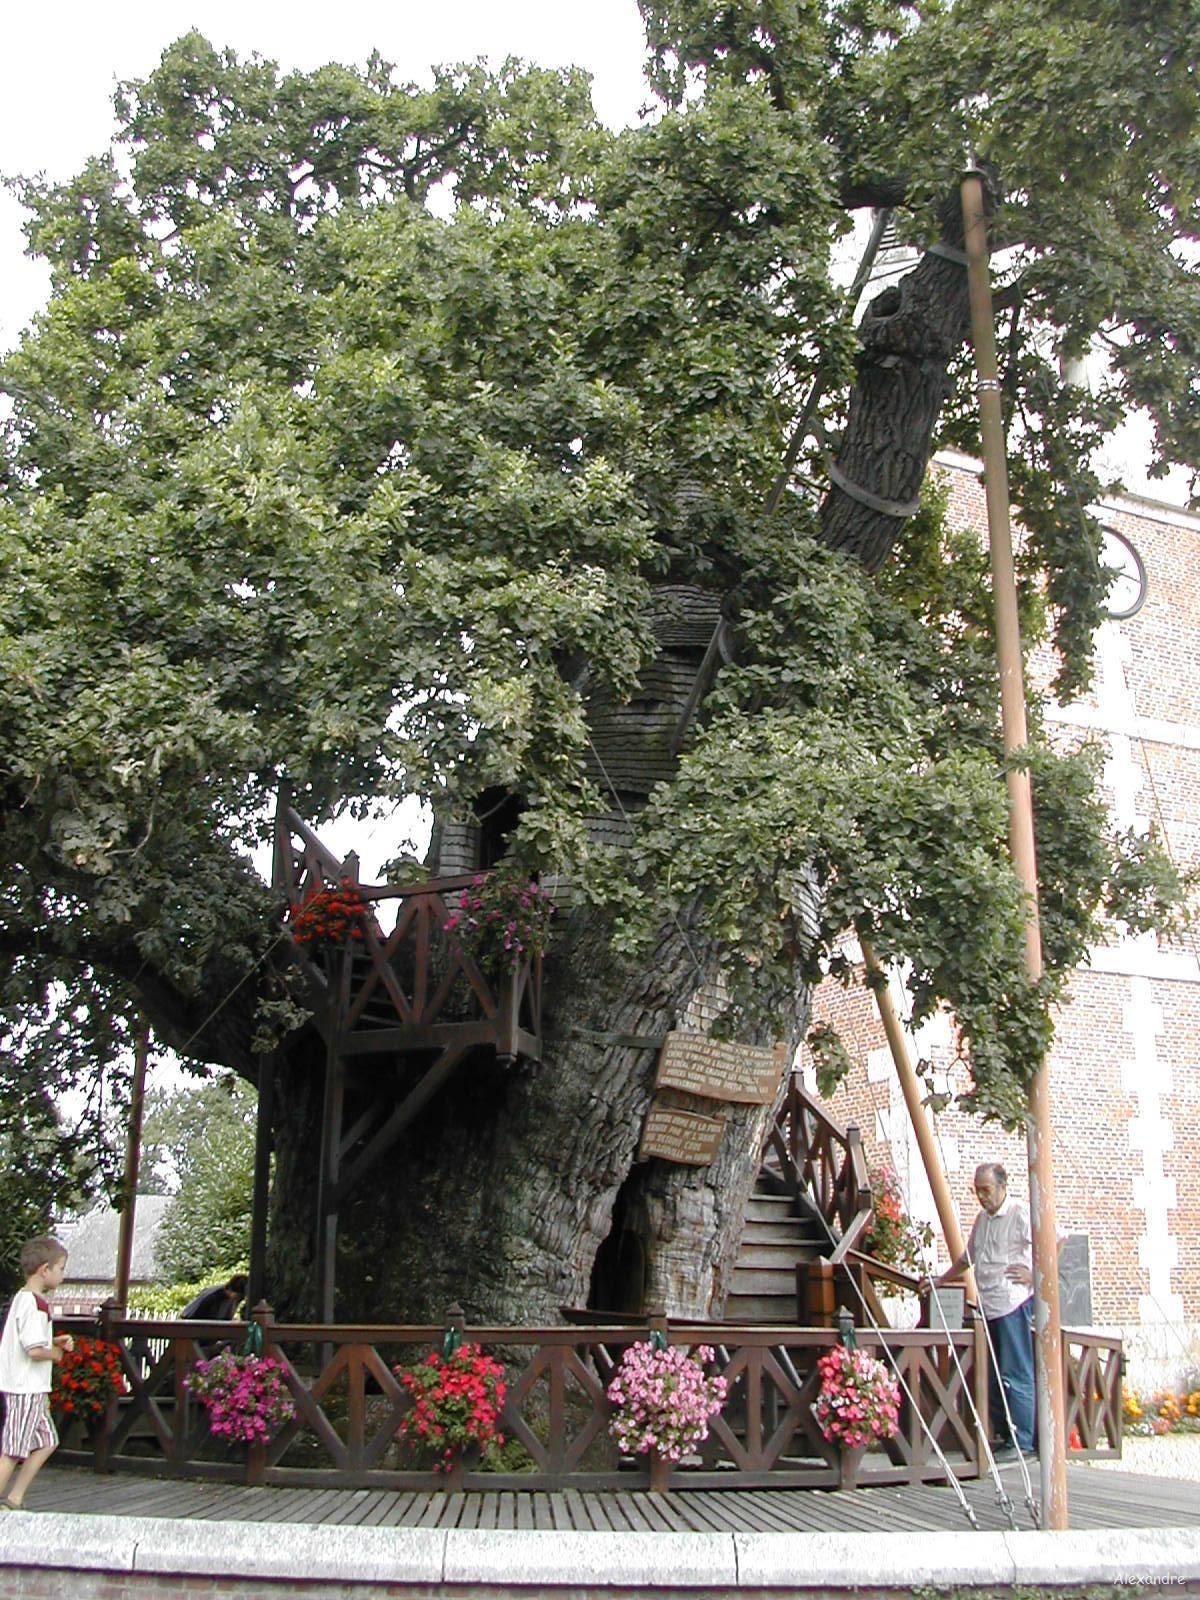 santuário de 'Notre Dame de la Paix' fica abaixo das placas, e 'Chambre de l'Ermite' subindo as escadas (Foto: Wikimedia Commons)